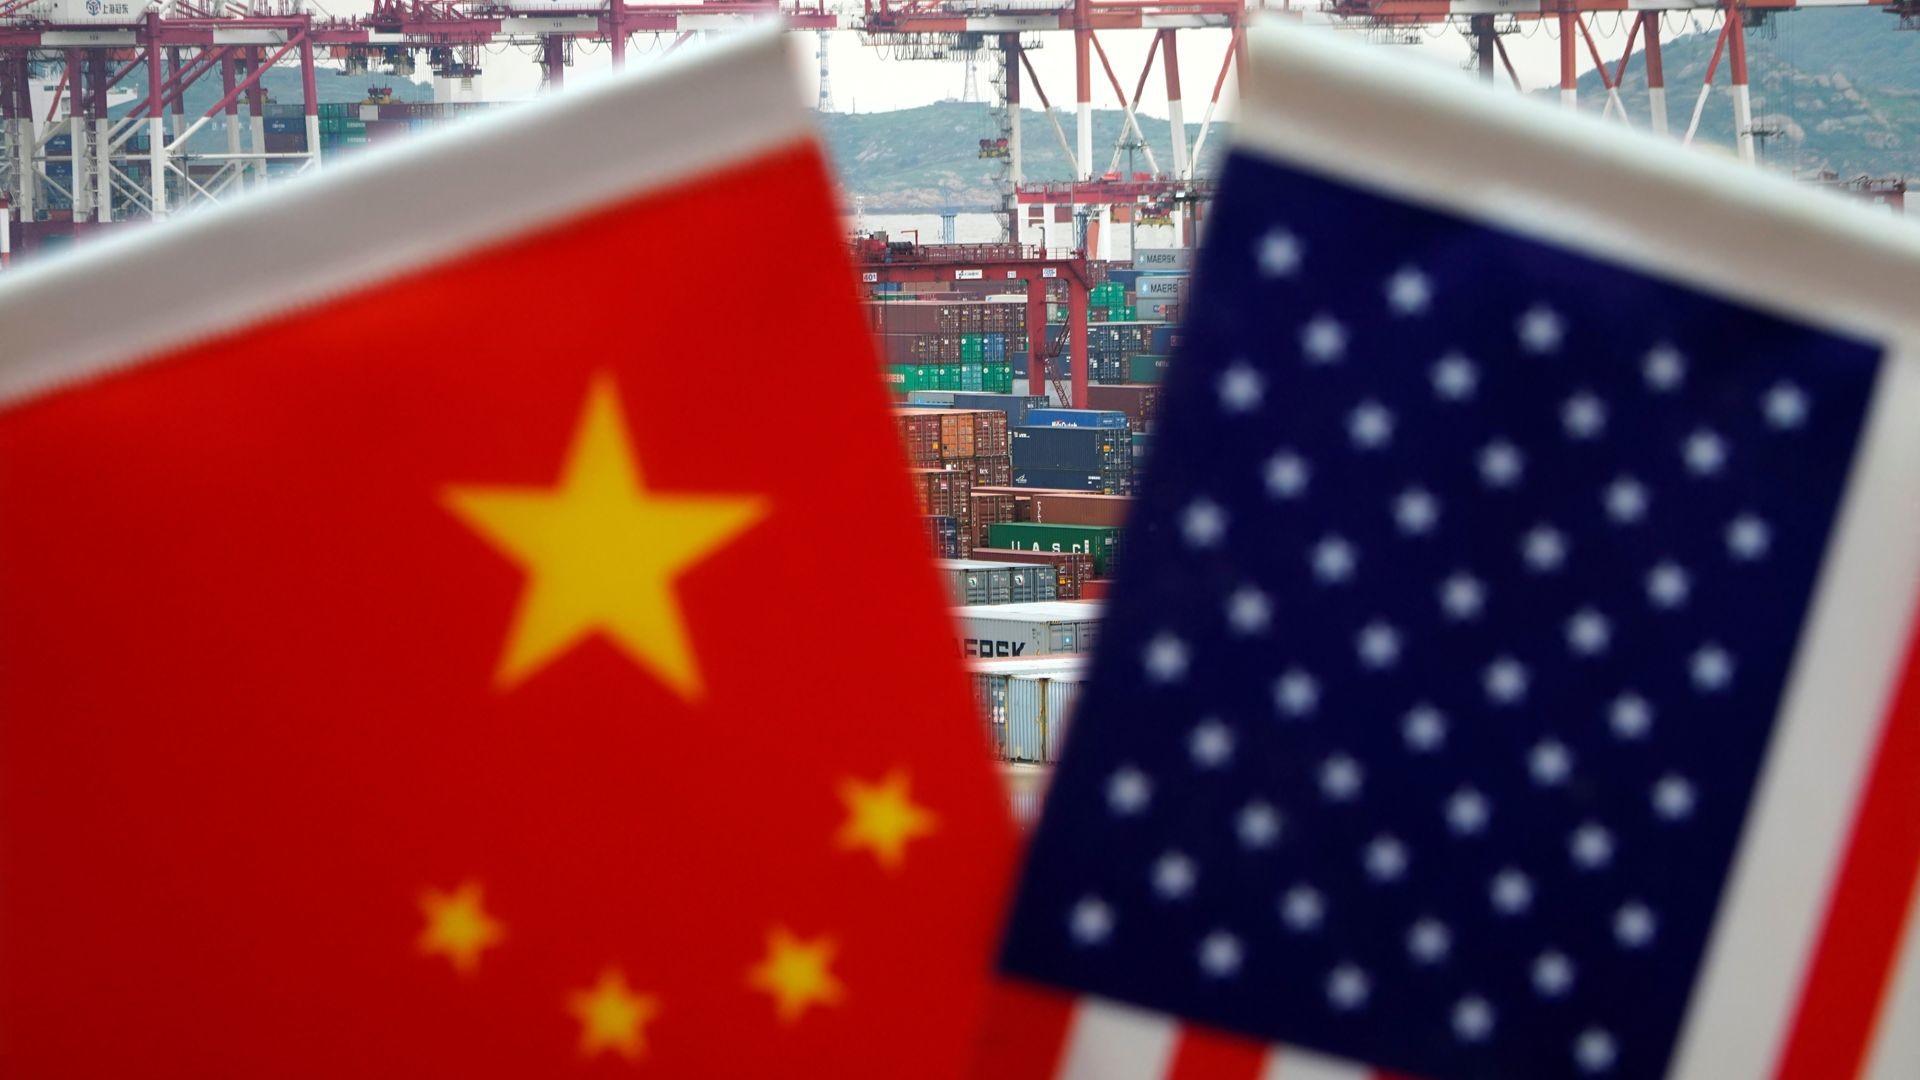 الحرب التجارية يمكن أن تشكّل بداية نهاية العولمة